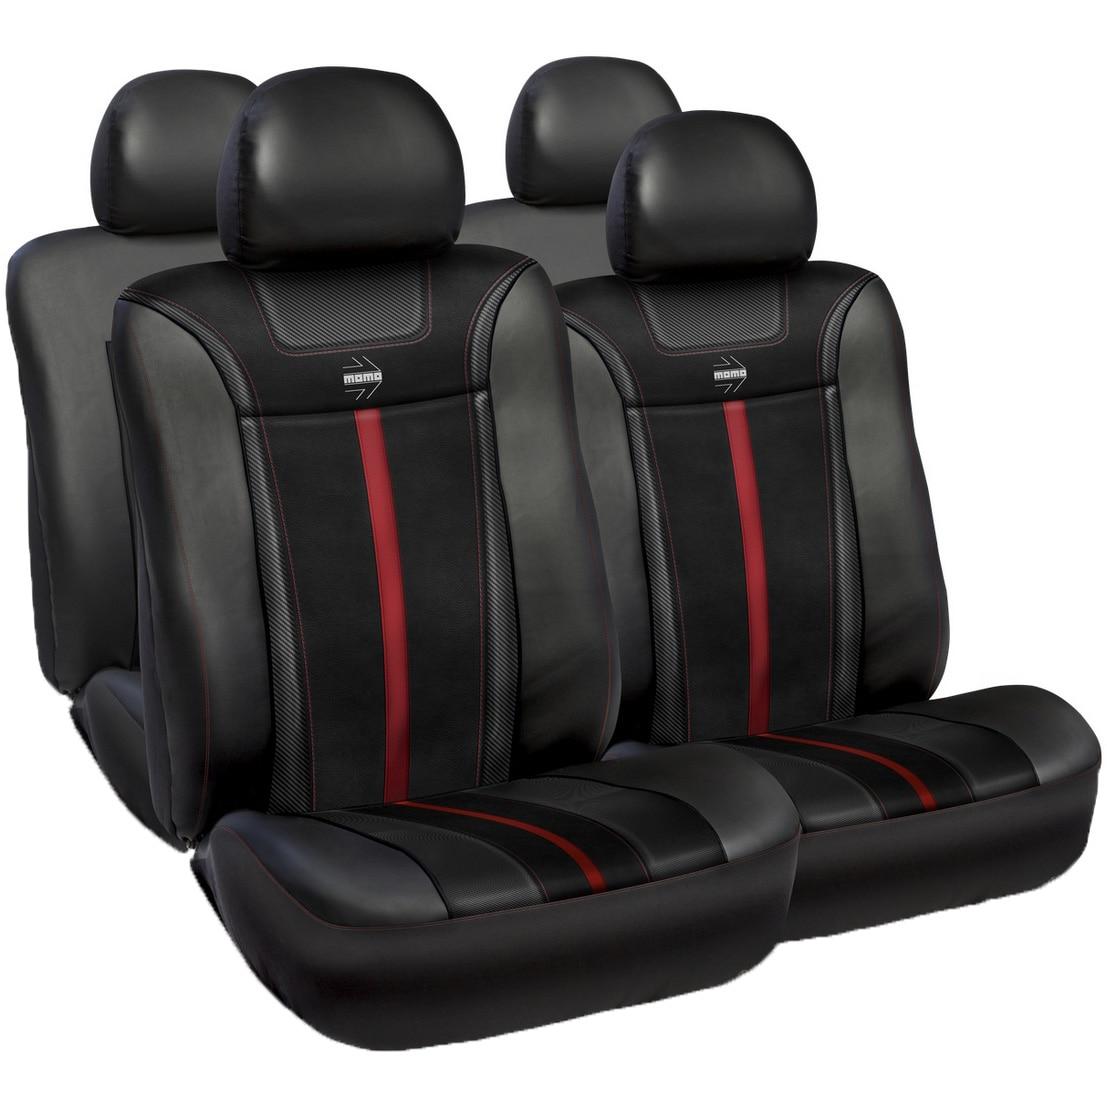 Fotografie Huse scaune auto Momo, piele ecologica cu ornamente tip carbon, negru cu rosu, set 11 buc